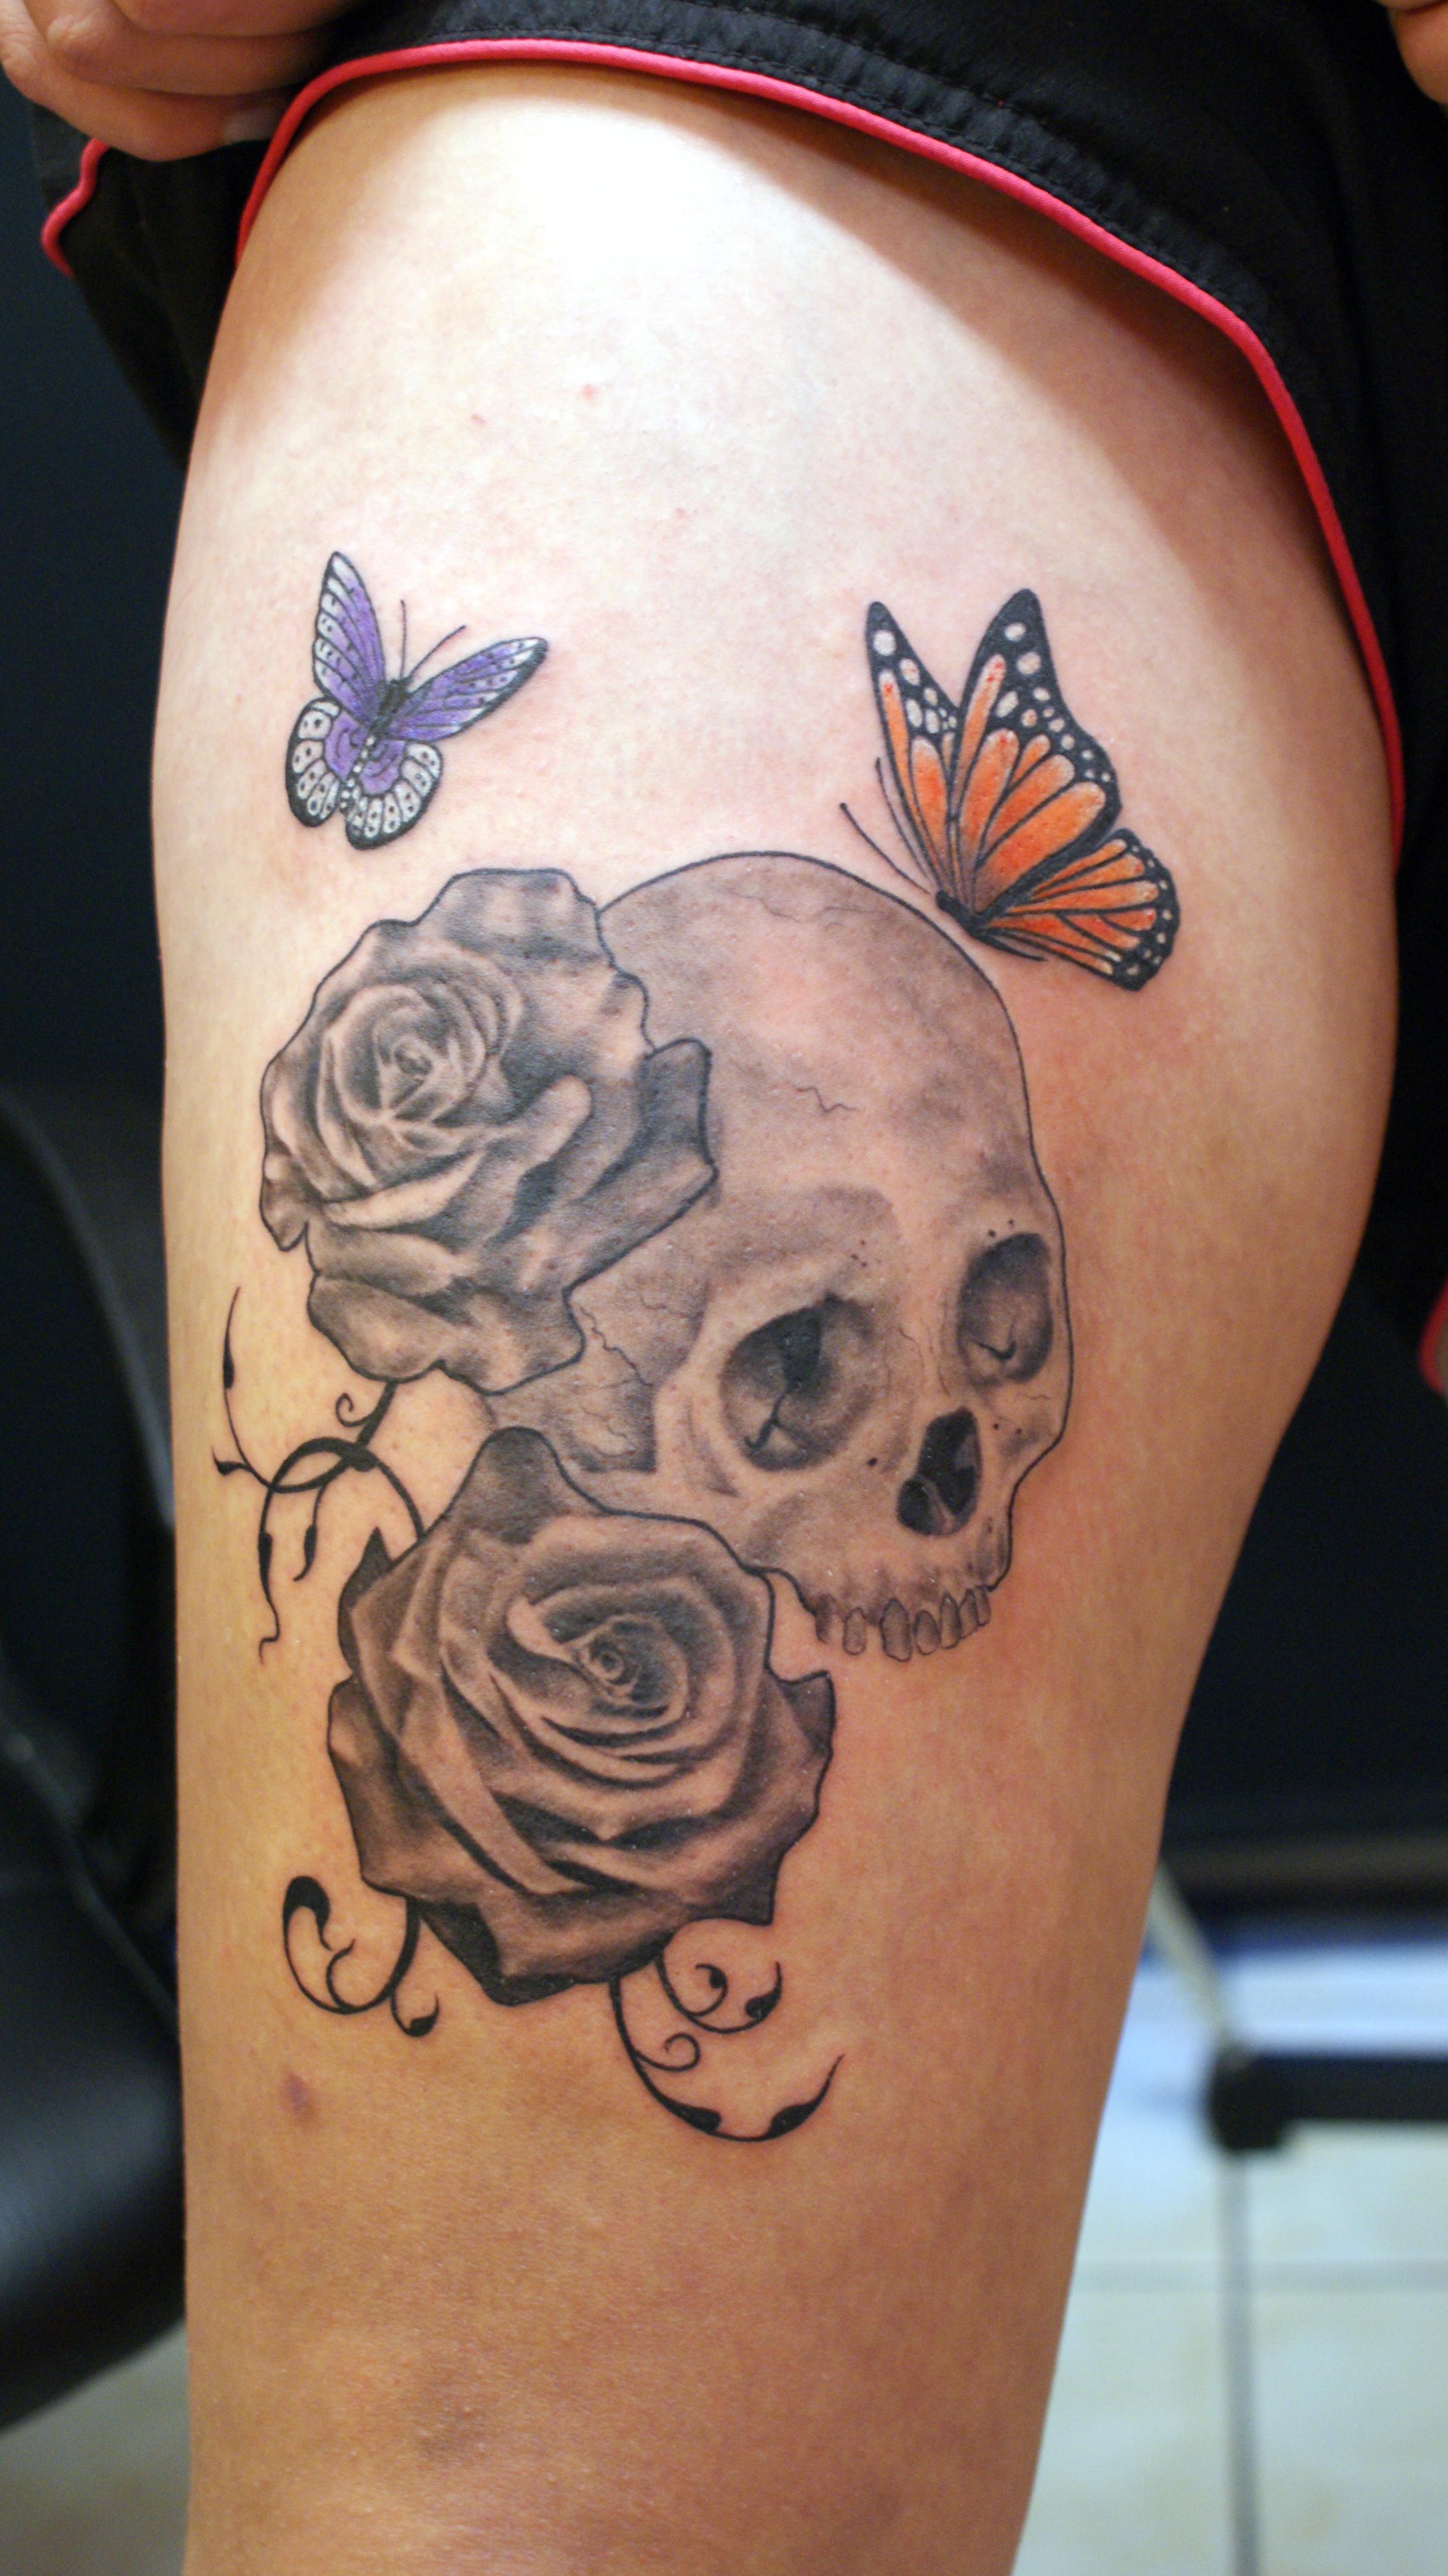 Skull roses butterfly swirls